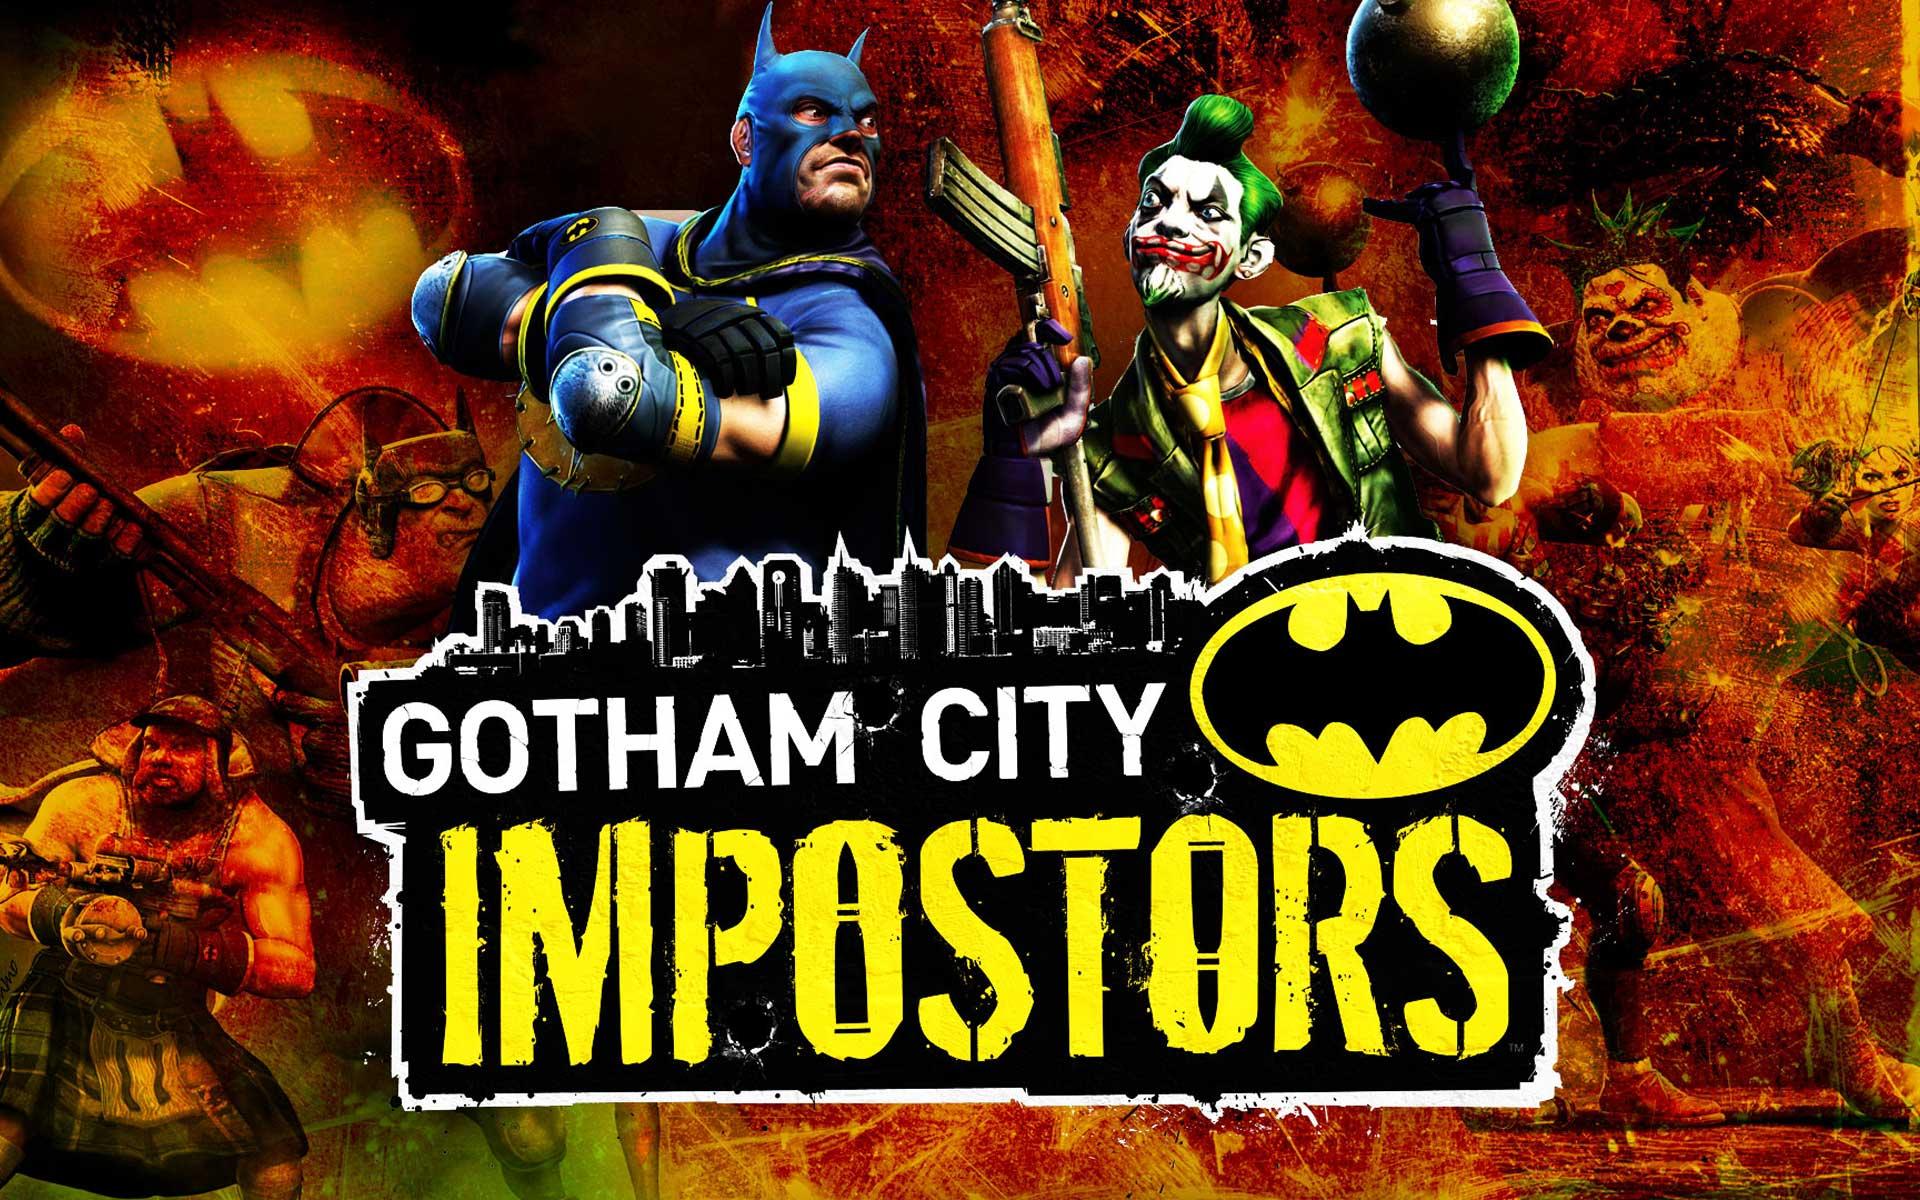 gotham_city_impostors_wallpaper